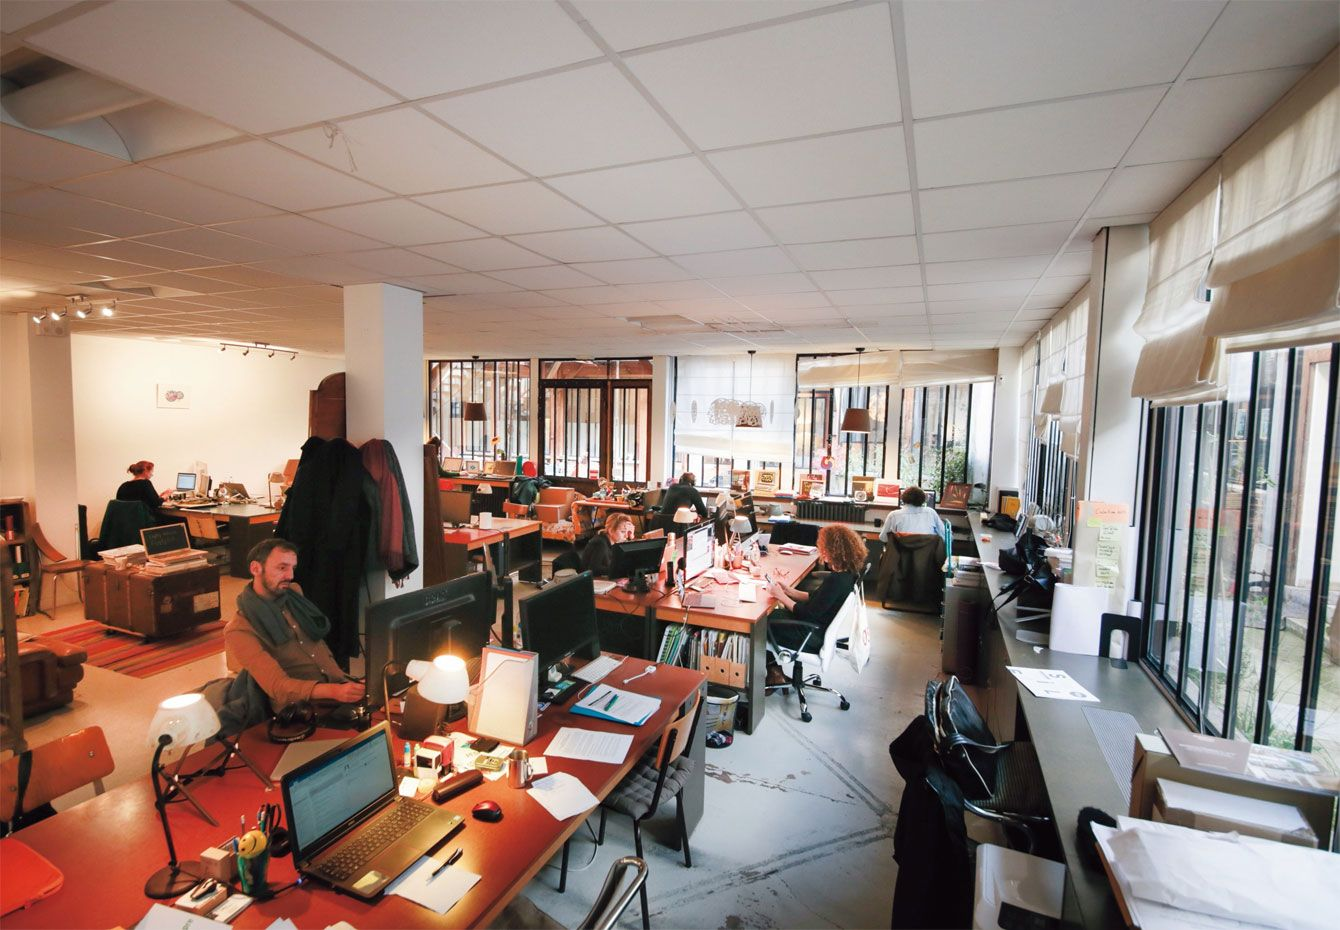 長期利用者のために13席、ノマド(短期利用者)に8席の割合で貸し出しているコワーキングスペース。窓からの自然光と間接照明が溶け合うパリらしい空間。